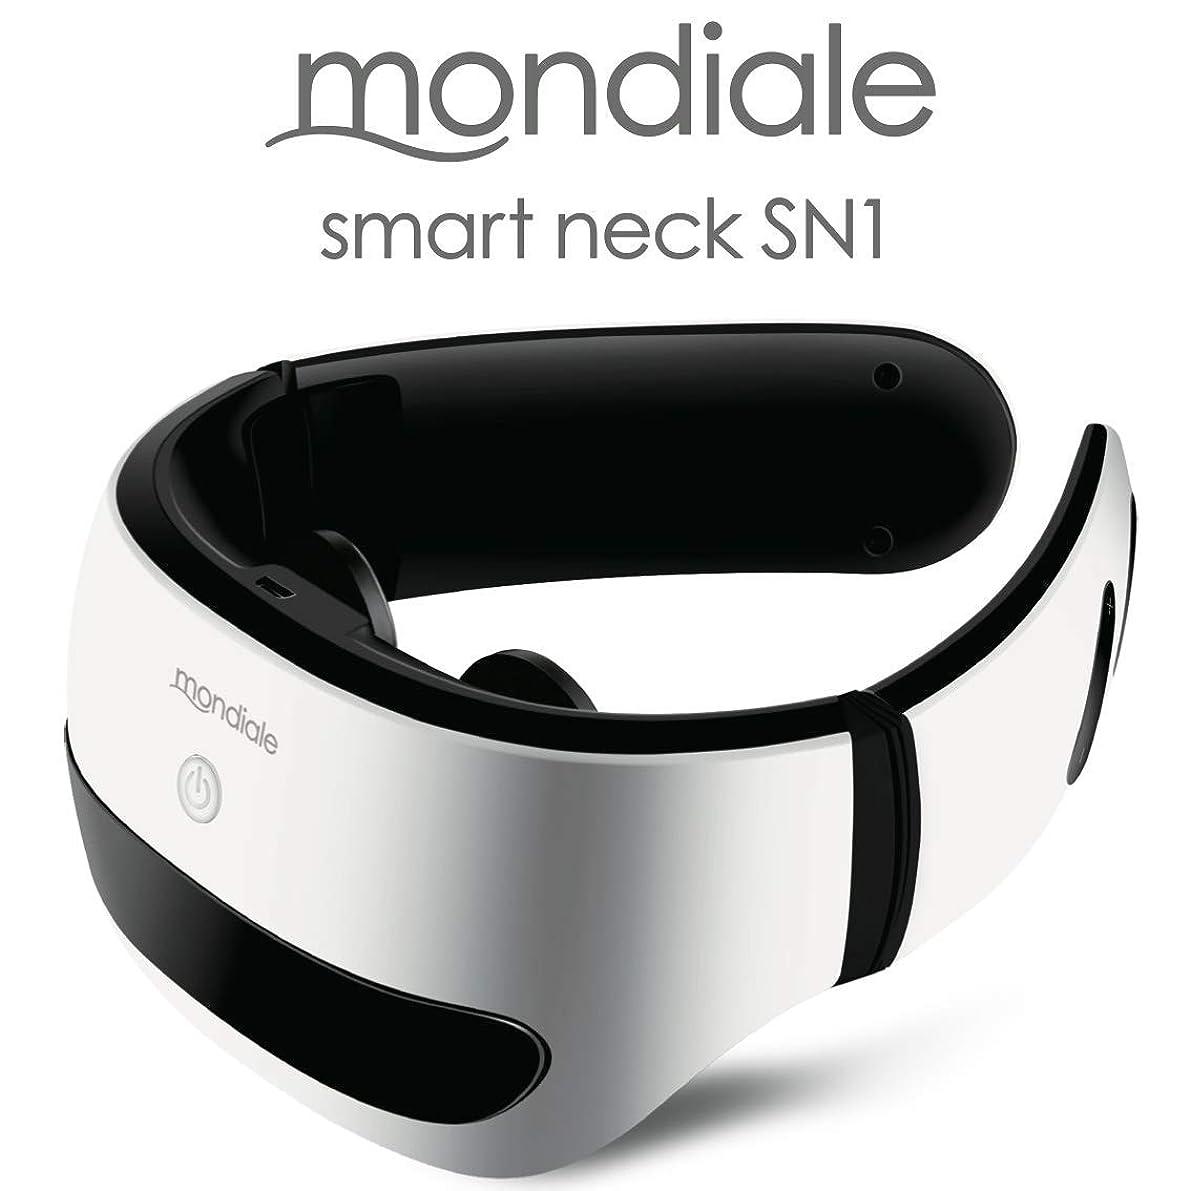 落ち着いてバラバラにする手入れモンデール スマートネック SN1 mondiale smart neck SN1